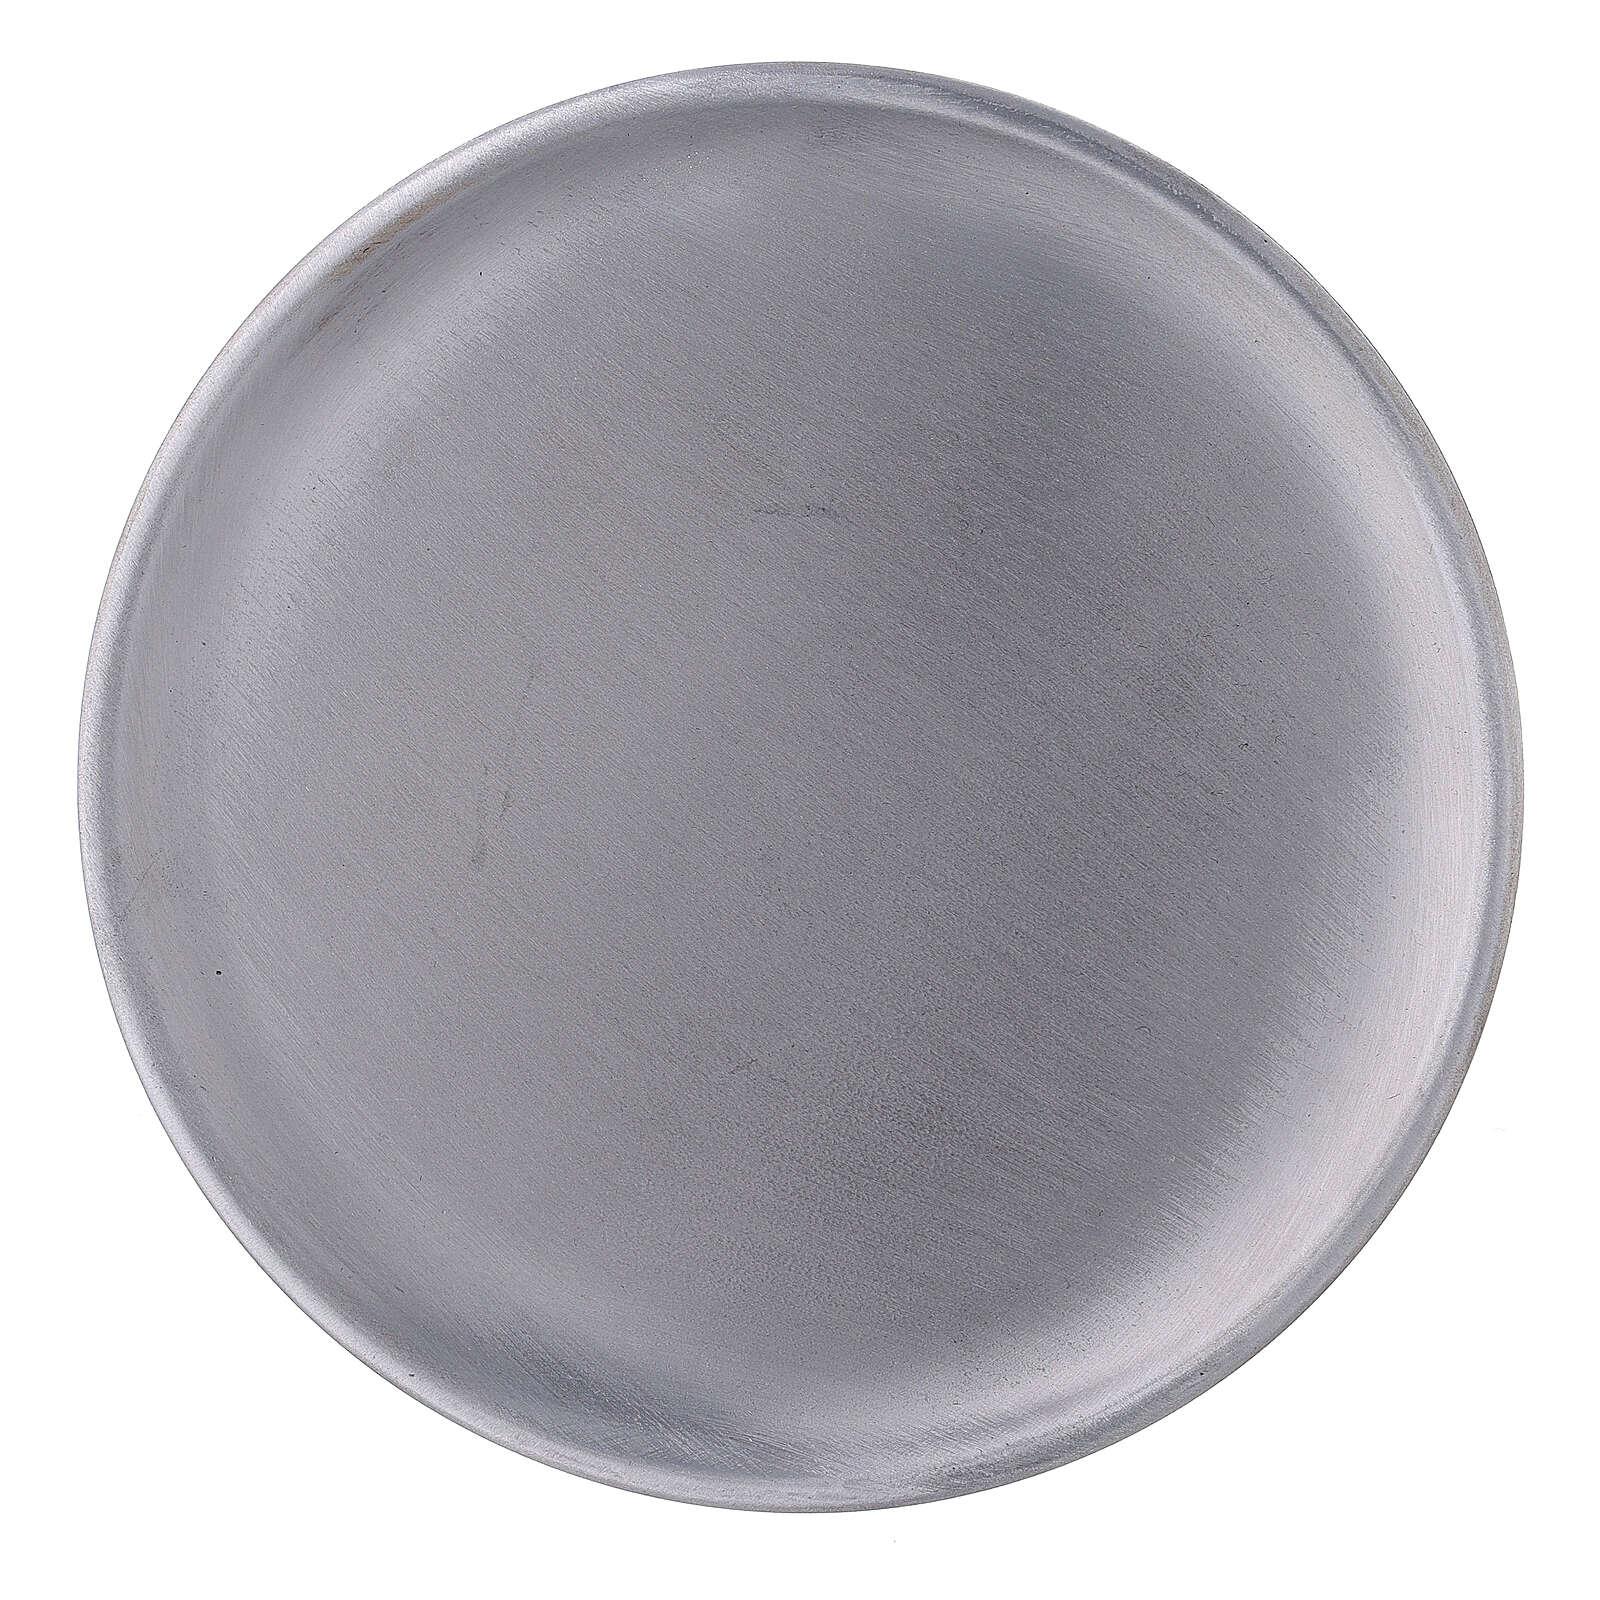 Plato portavela aluminio satinado 14 cm 3